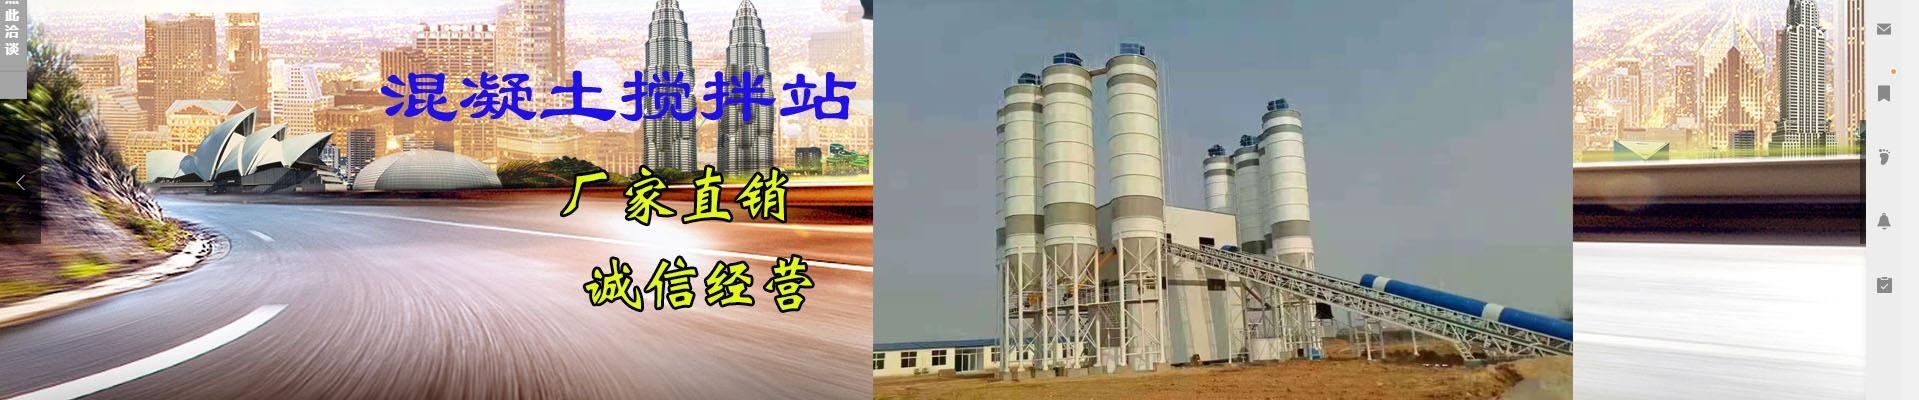 山东贝特重工股份有限公司